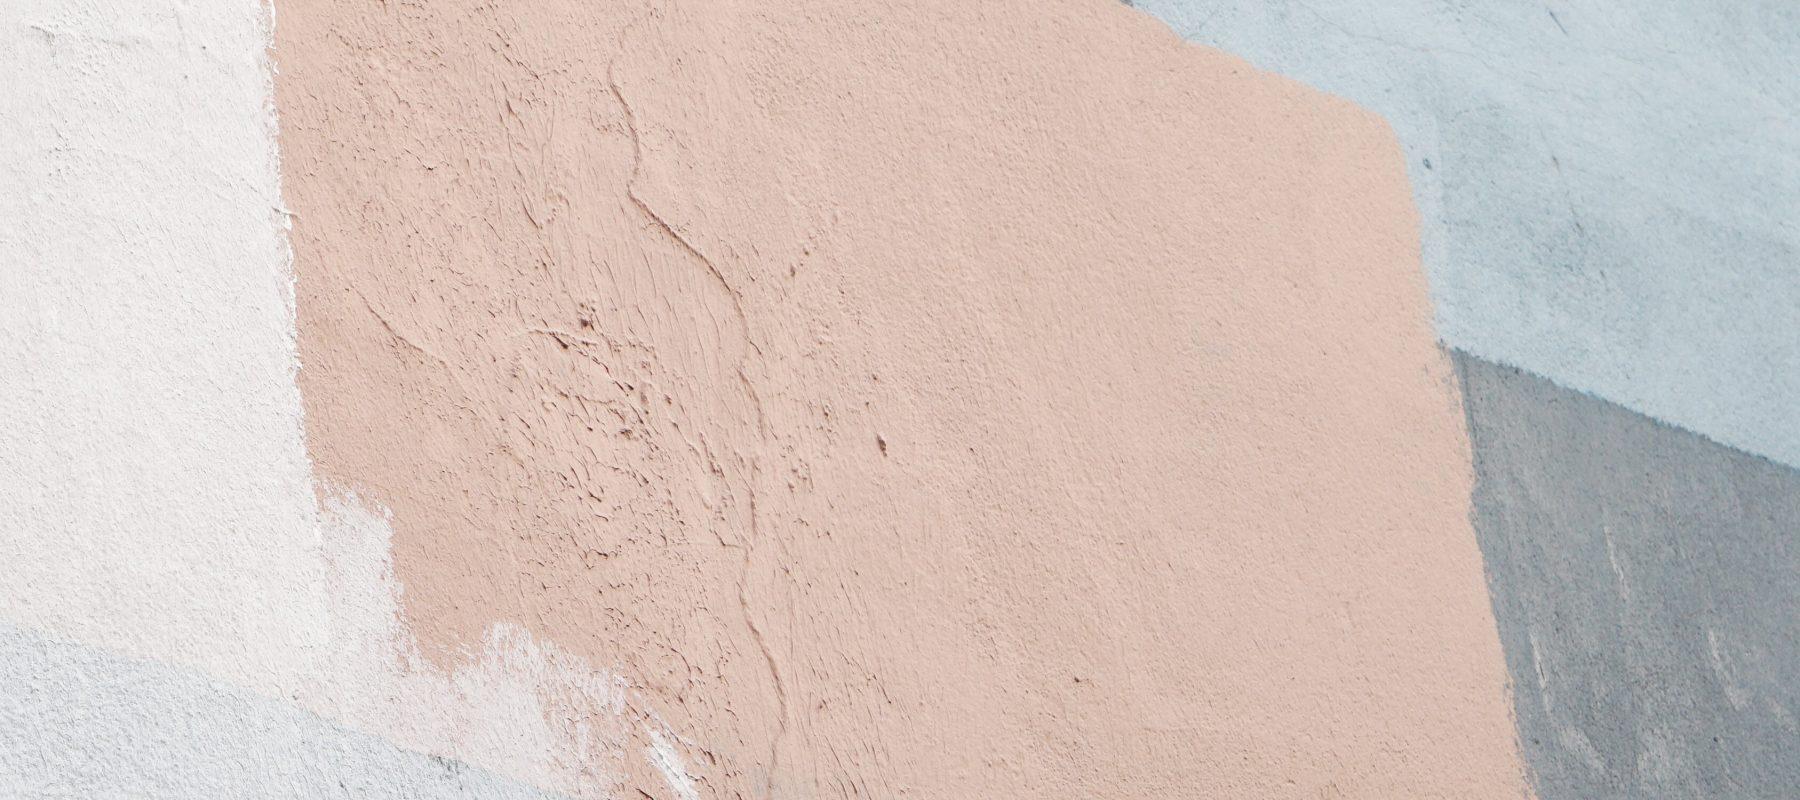 close-up-concrete-exterior-1694980